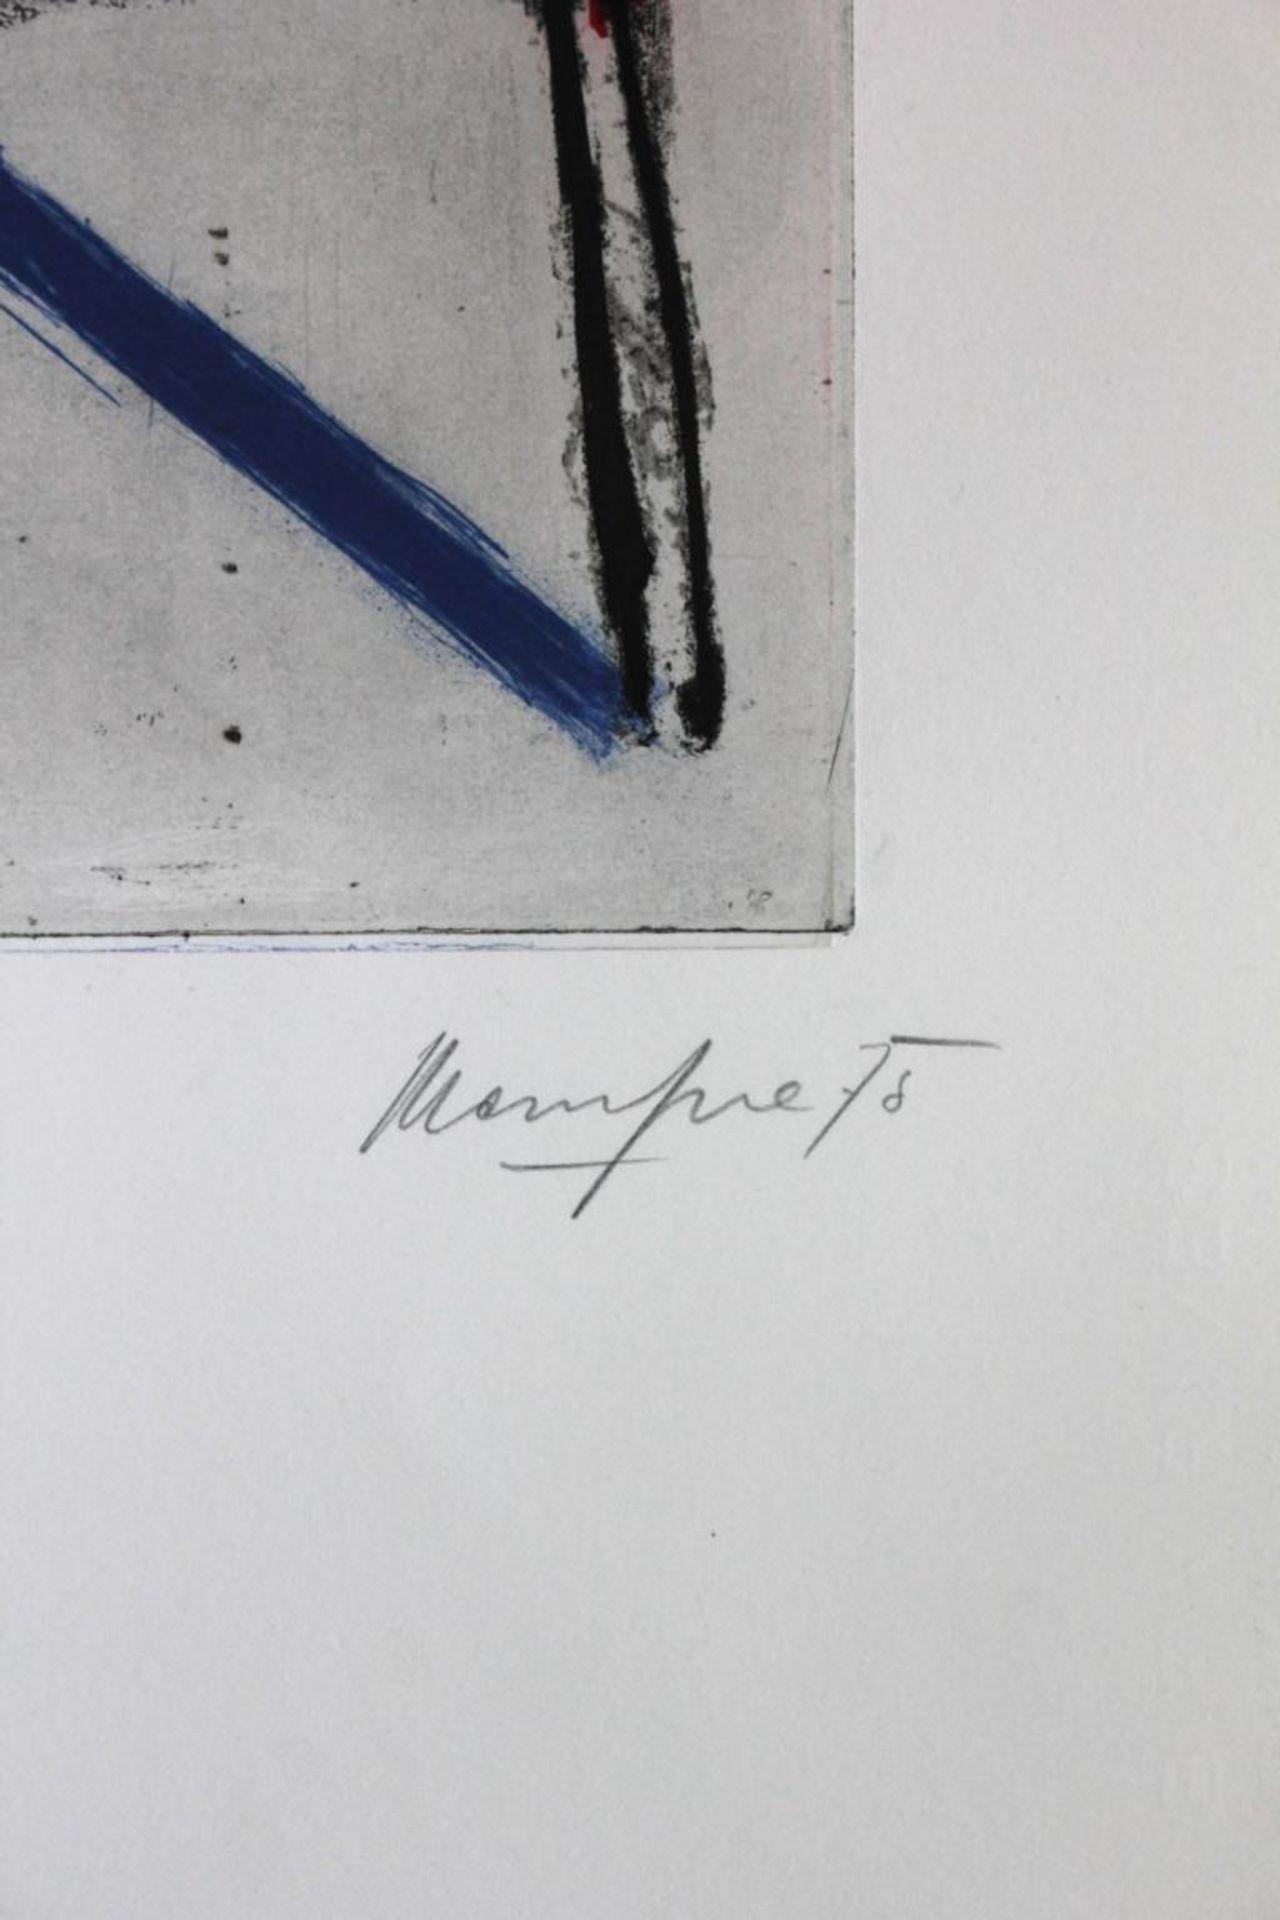 Messensee Jürgen (geb. 1936) Ohne Titel 1975 Lithographie handsigniert, datiert und nummeriert 30/50 - Bild 2 aus 3